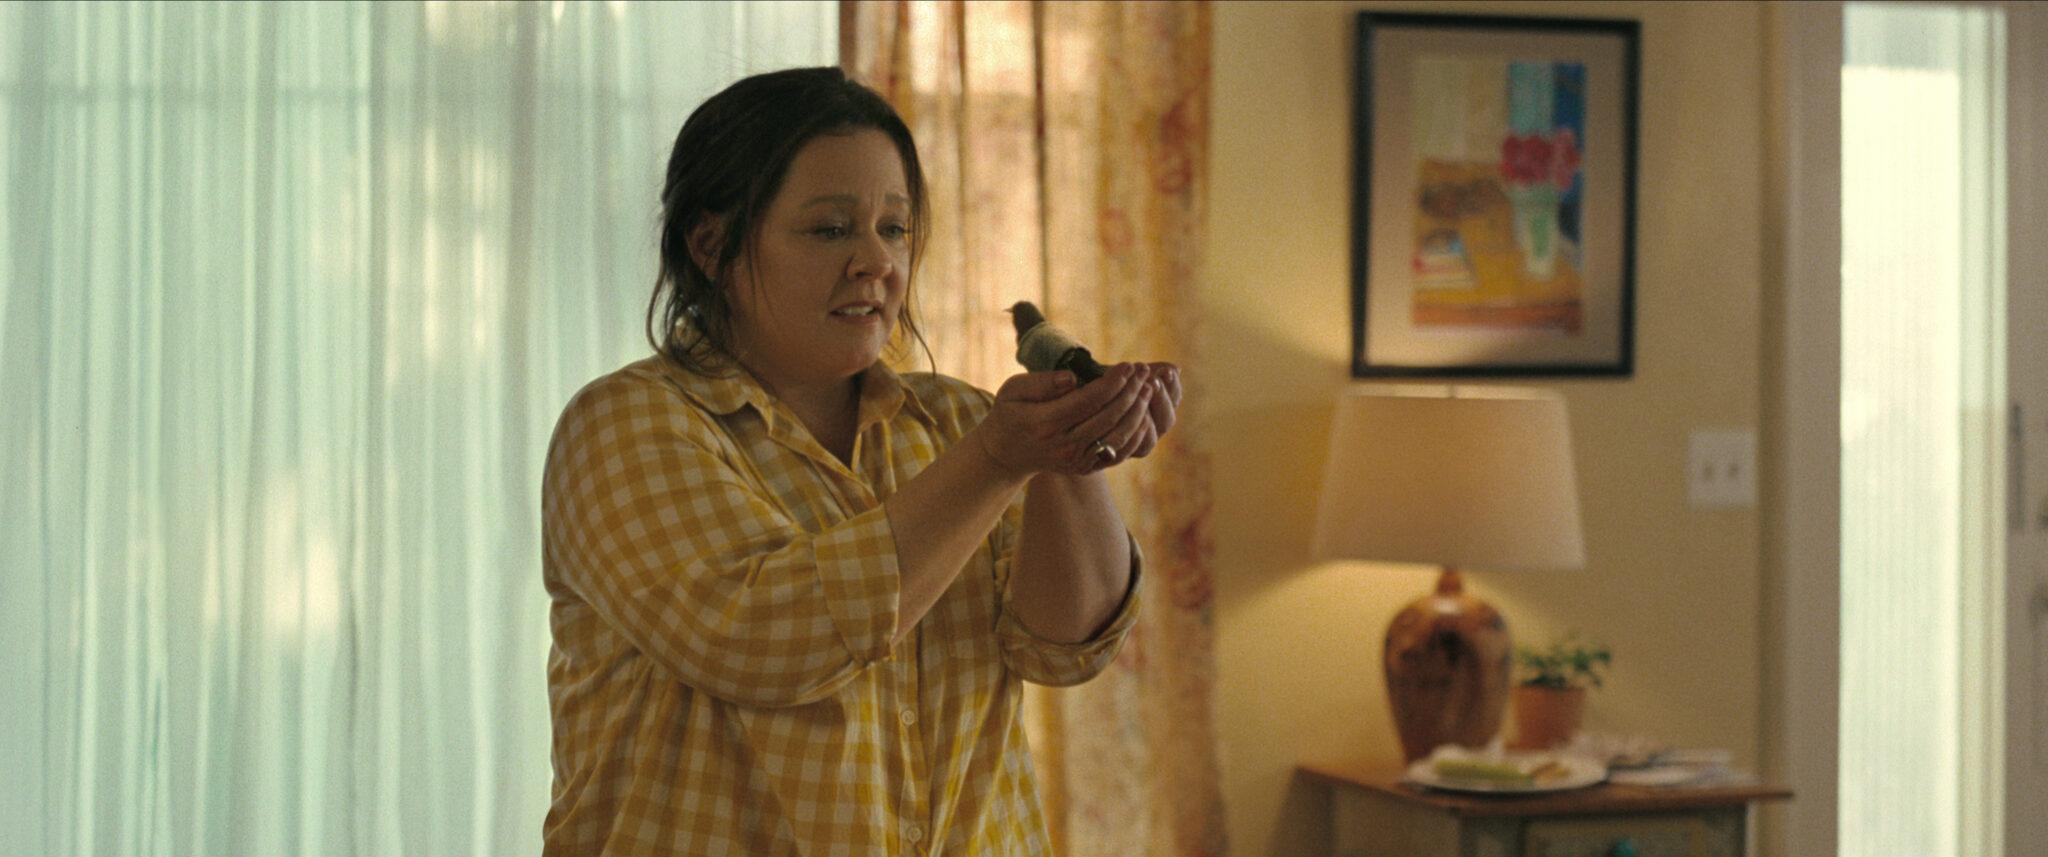 Melissa McCarthy hält einen kleinen Vogel vor sich in den Händen